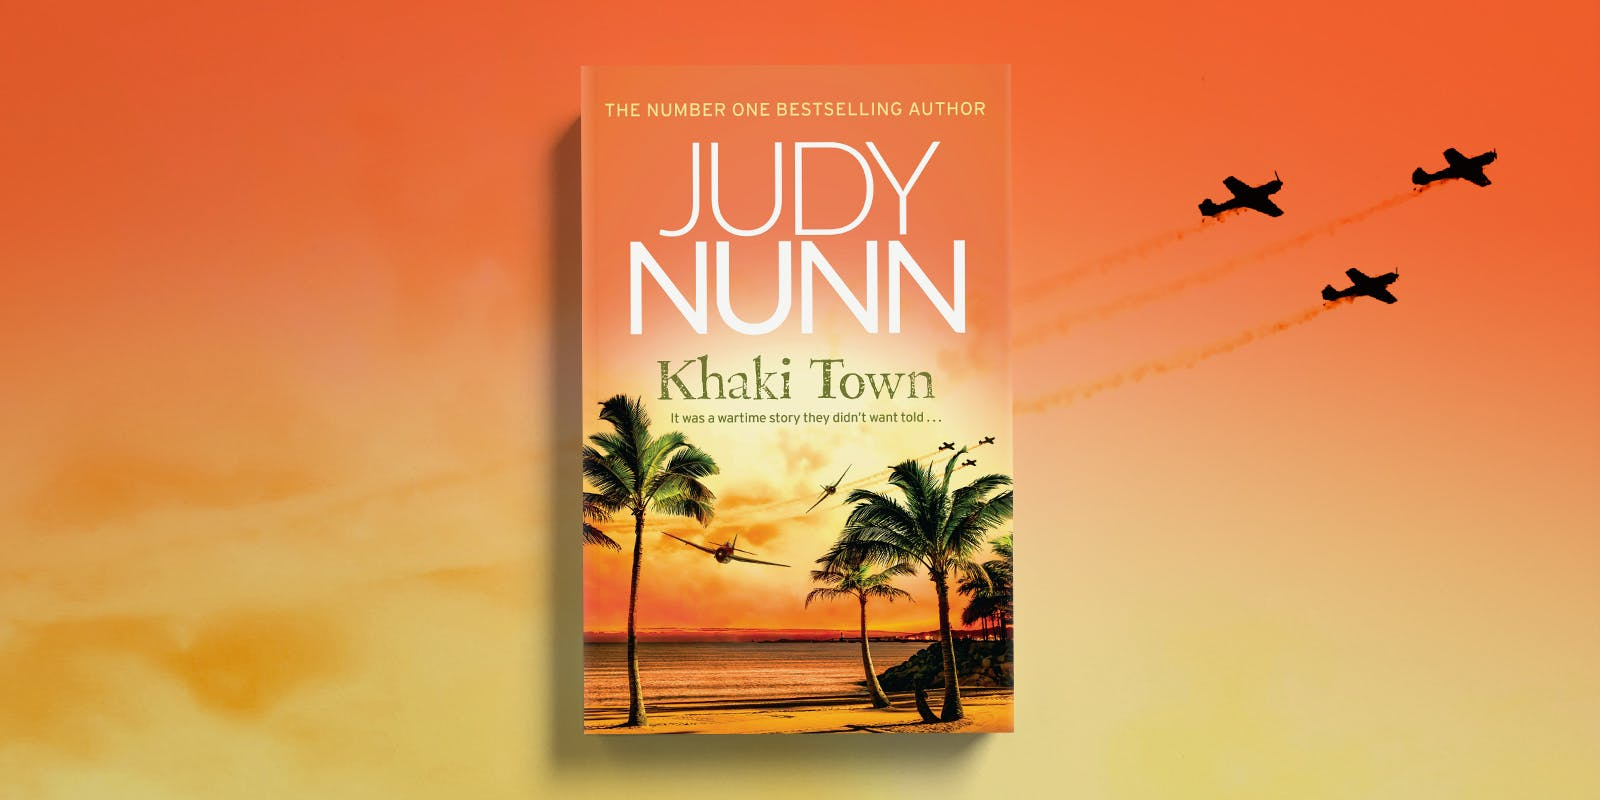 Judy Nunn Q&A